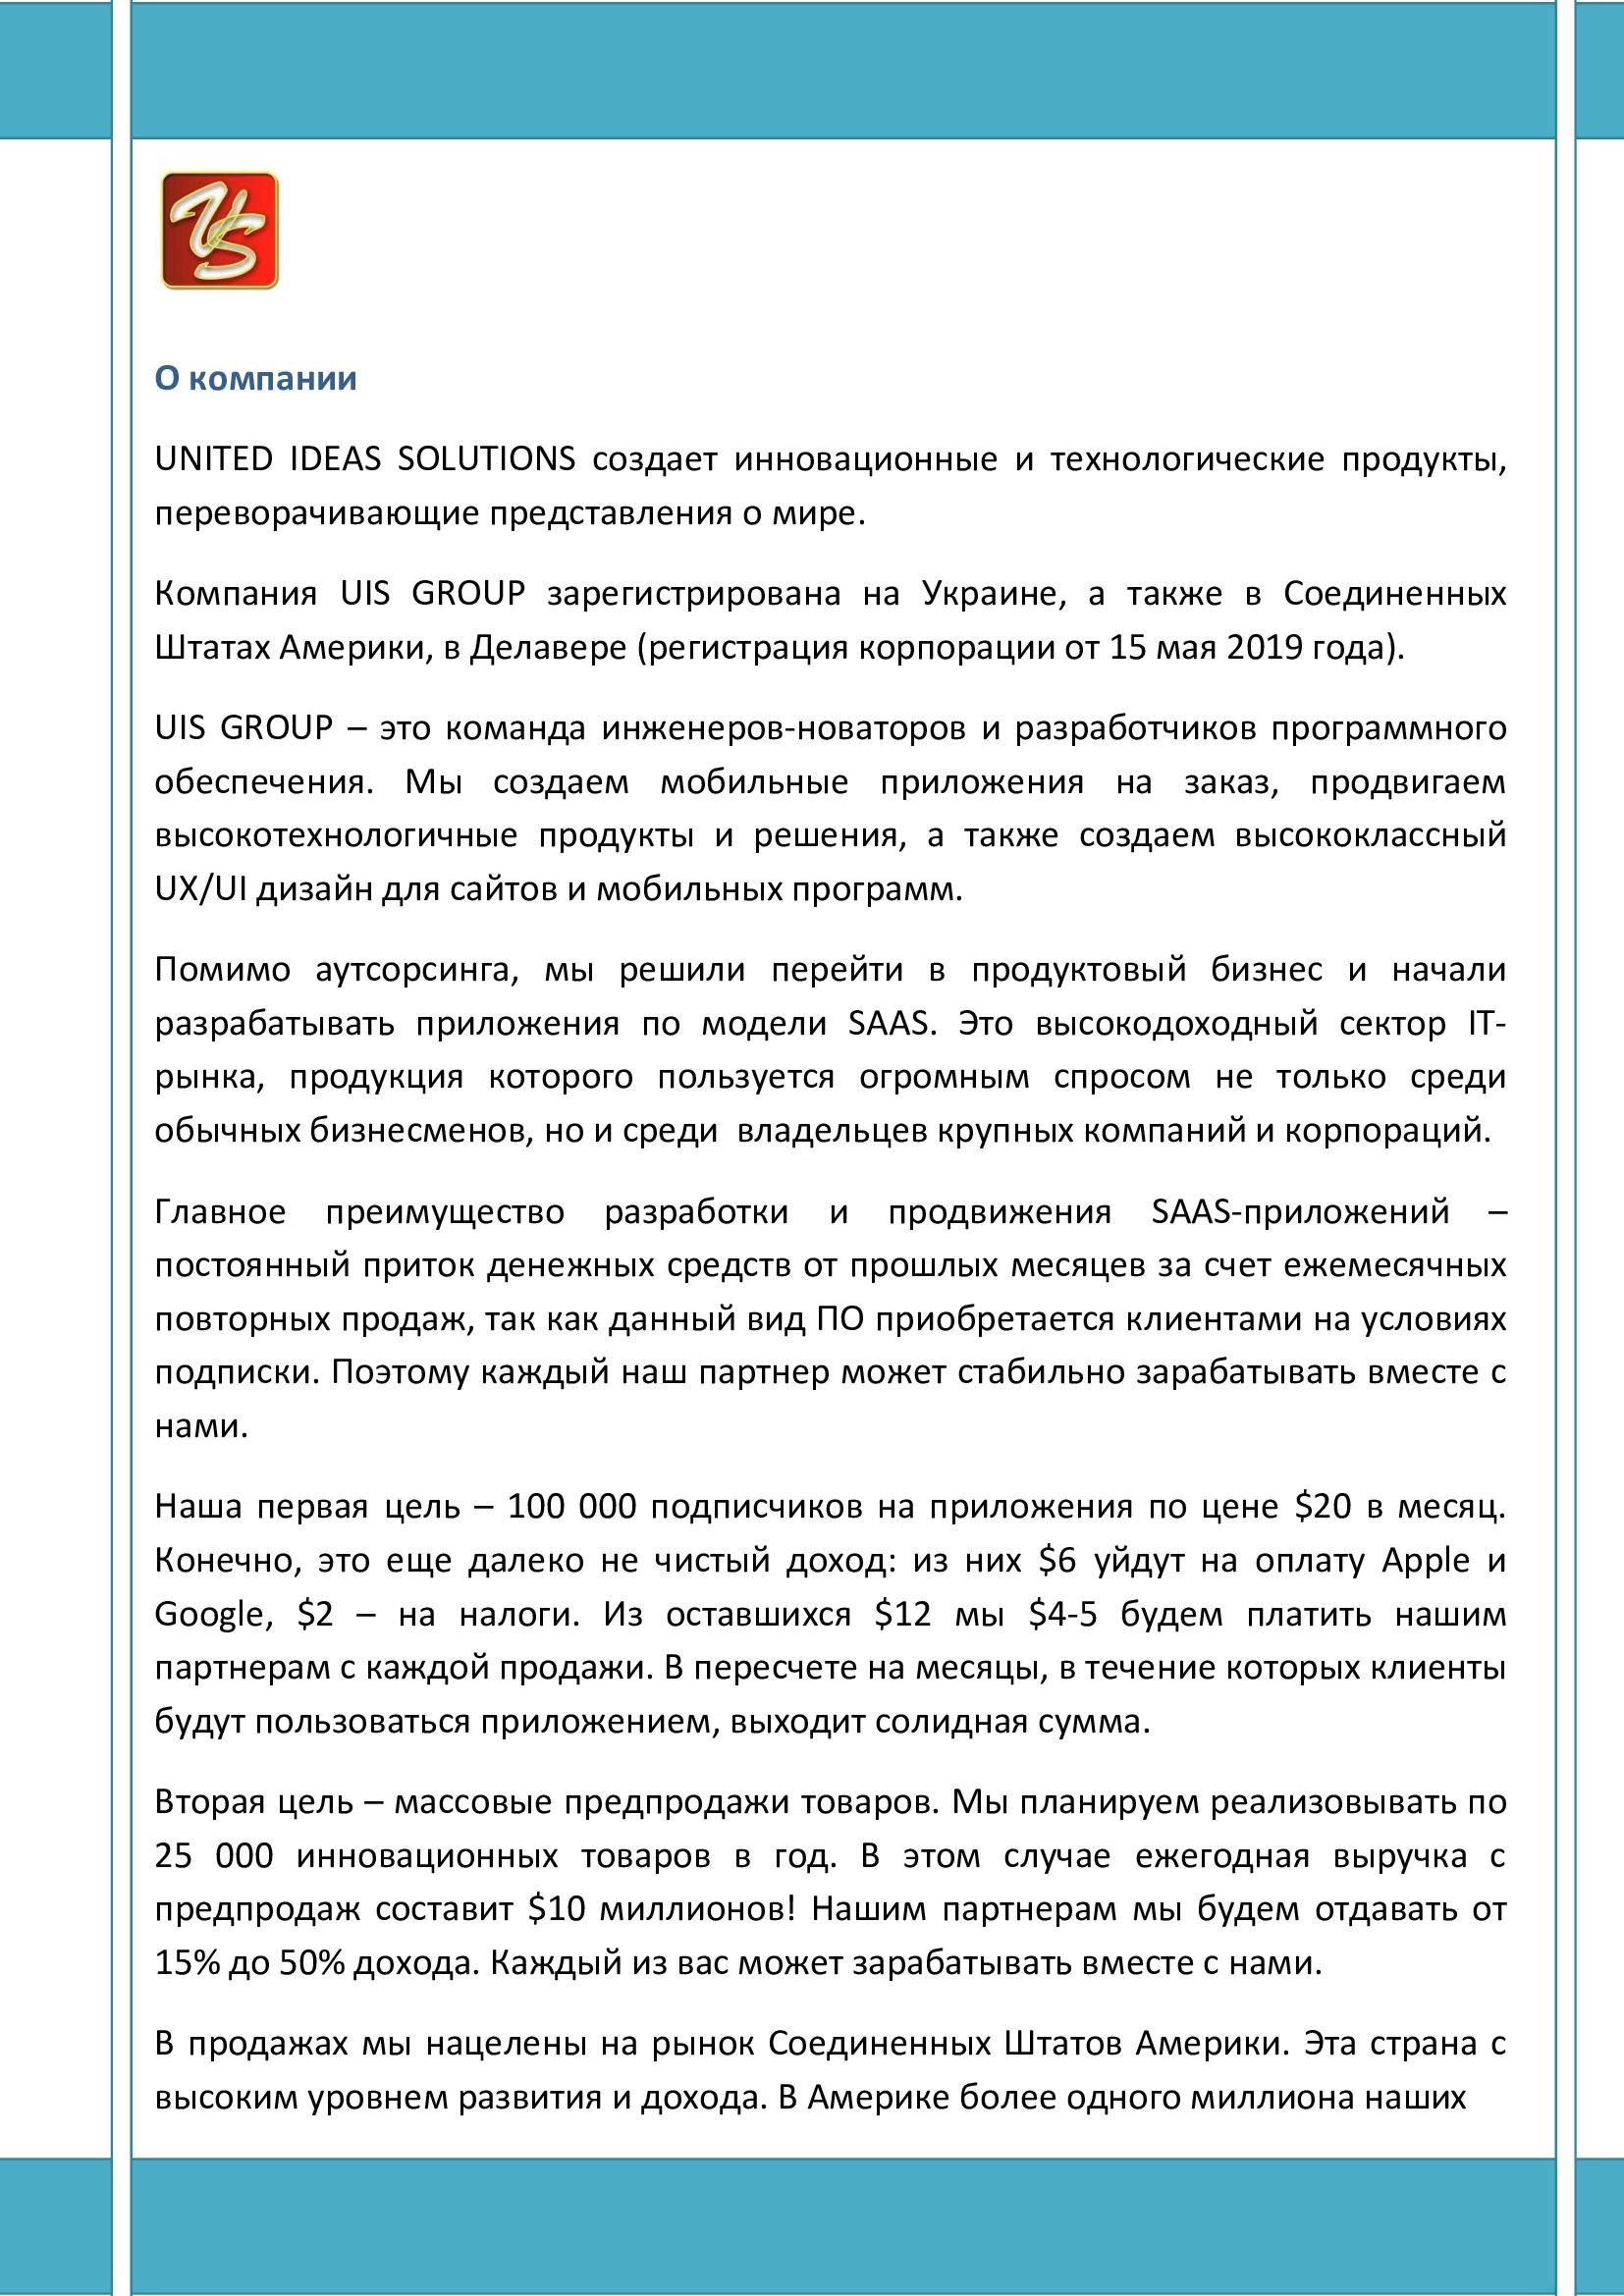 О компании UIS-Invest